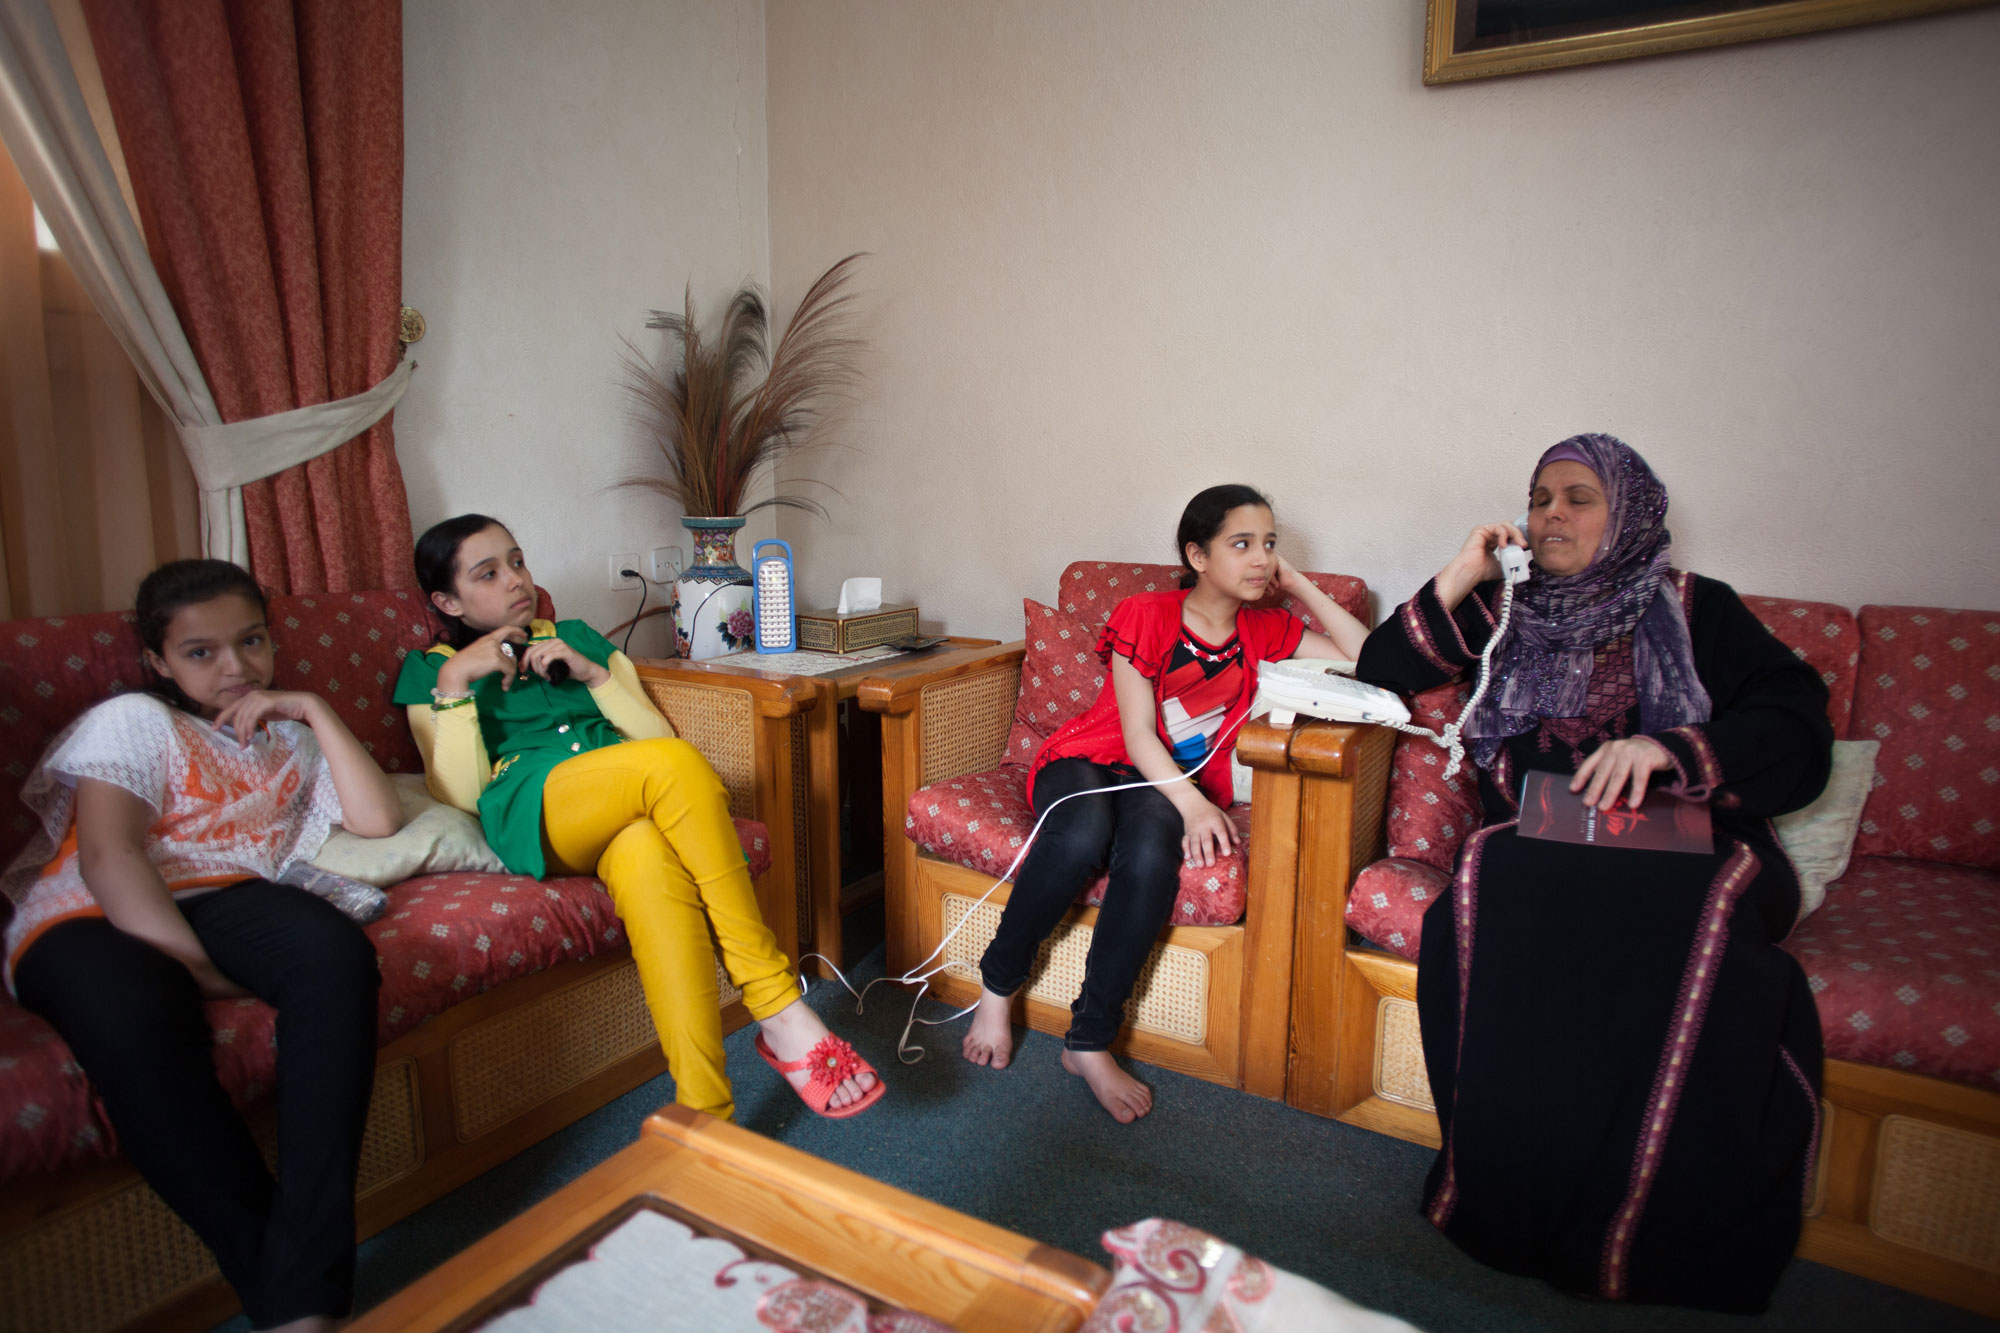 يسرى أبو سيدو وثلاث من حفيداتها في بيتها، غزة. تصوير: إيمان محمد